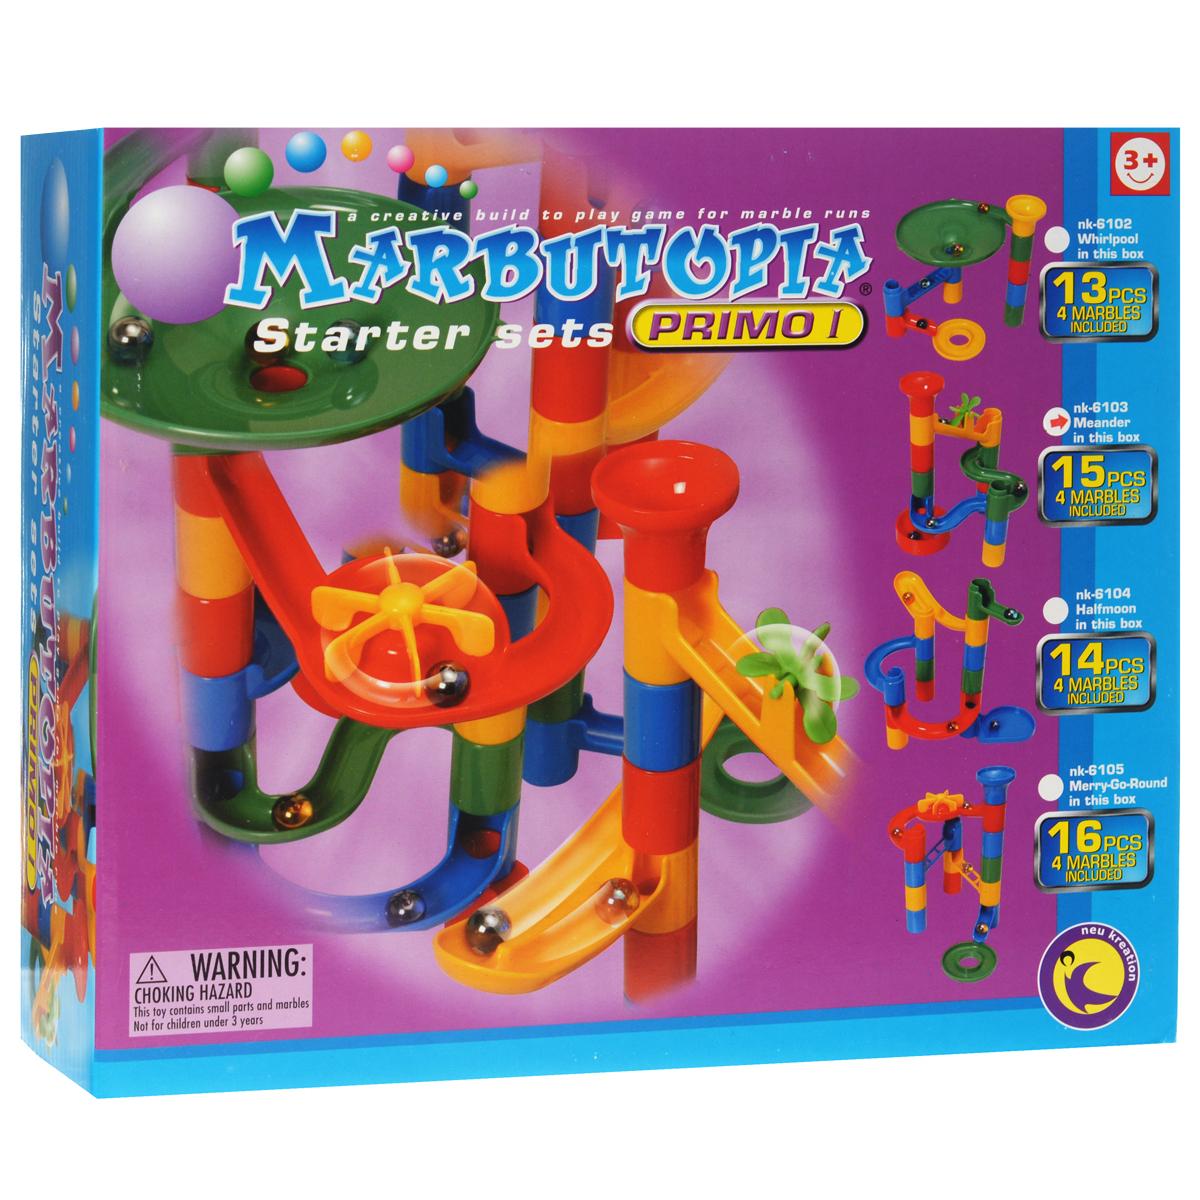 Marbutopia Конструктор Извилиныnk-6103Конструктор Marbutopia Извилины - первый шаг ребенка в мир конструирования объемных лабиринтов. В данном комплекте имеются разноцветные пластиковые детали: извилистые дорожки, мельница, вертикальные трубки, 4 стеклянных шарика-хамелеона и другие. Основная задача - построить горку так, чтобы шарик не застревал, а скатывался вниз по дорожкам и виражам. Особенность конструктора заключается в том, что он позволяет ребенку строить бесконечные забавные лабиринты руководствуясь своей фантазией или по прилагаемой инструкции (2 варианта сборки лабиринта). Конструирование лабиринтов полезно для развития пространственного мышления и воображения. Также развивает координацию, моторику, концентрацию, планирование, стратегию, понятие причины и следствия. Раннее развитие этих навыков, как известно, существенно увеличивает академические и интеллектуальные способности ребенка. Набор Извилины совместим с другими наборами серии Primo благодаря чему вы всегда можете дополнить...